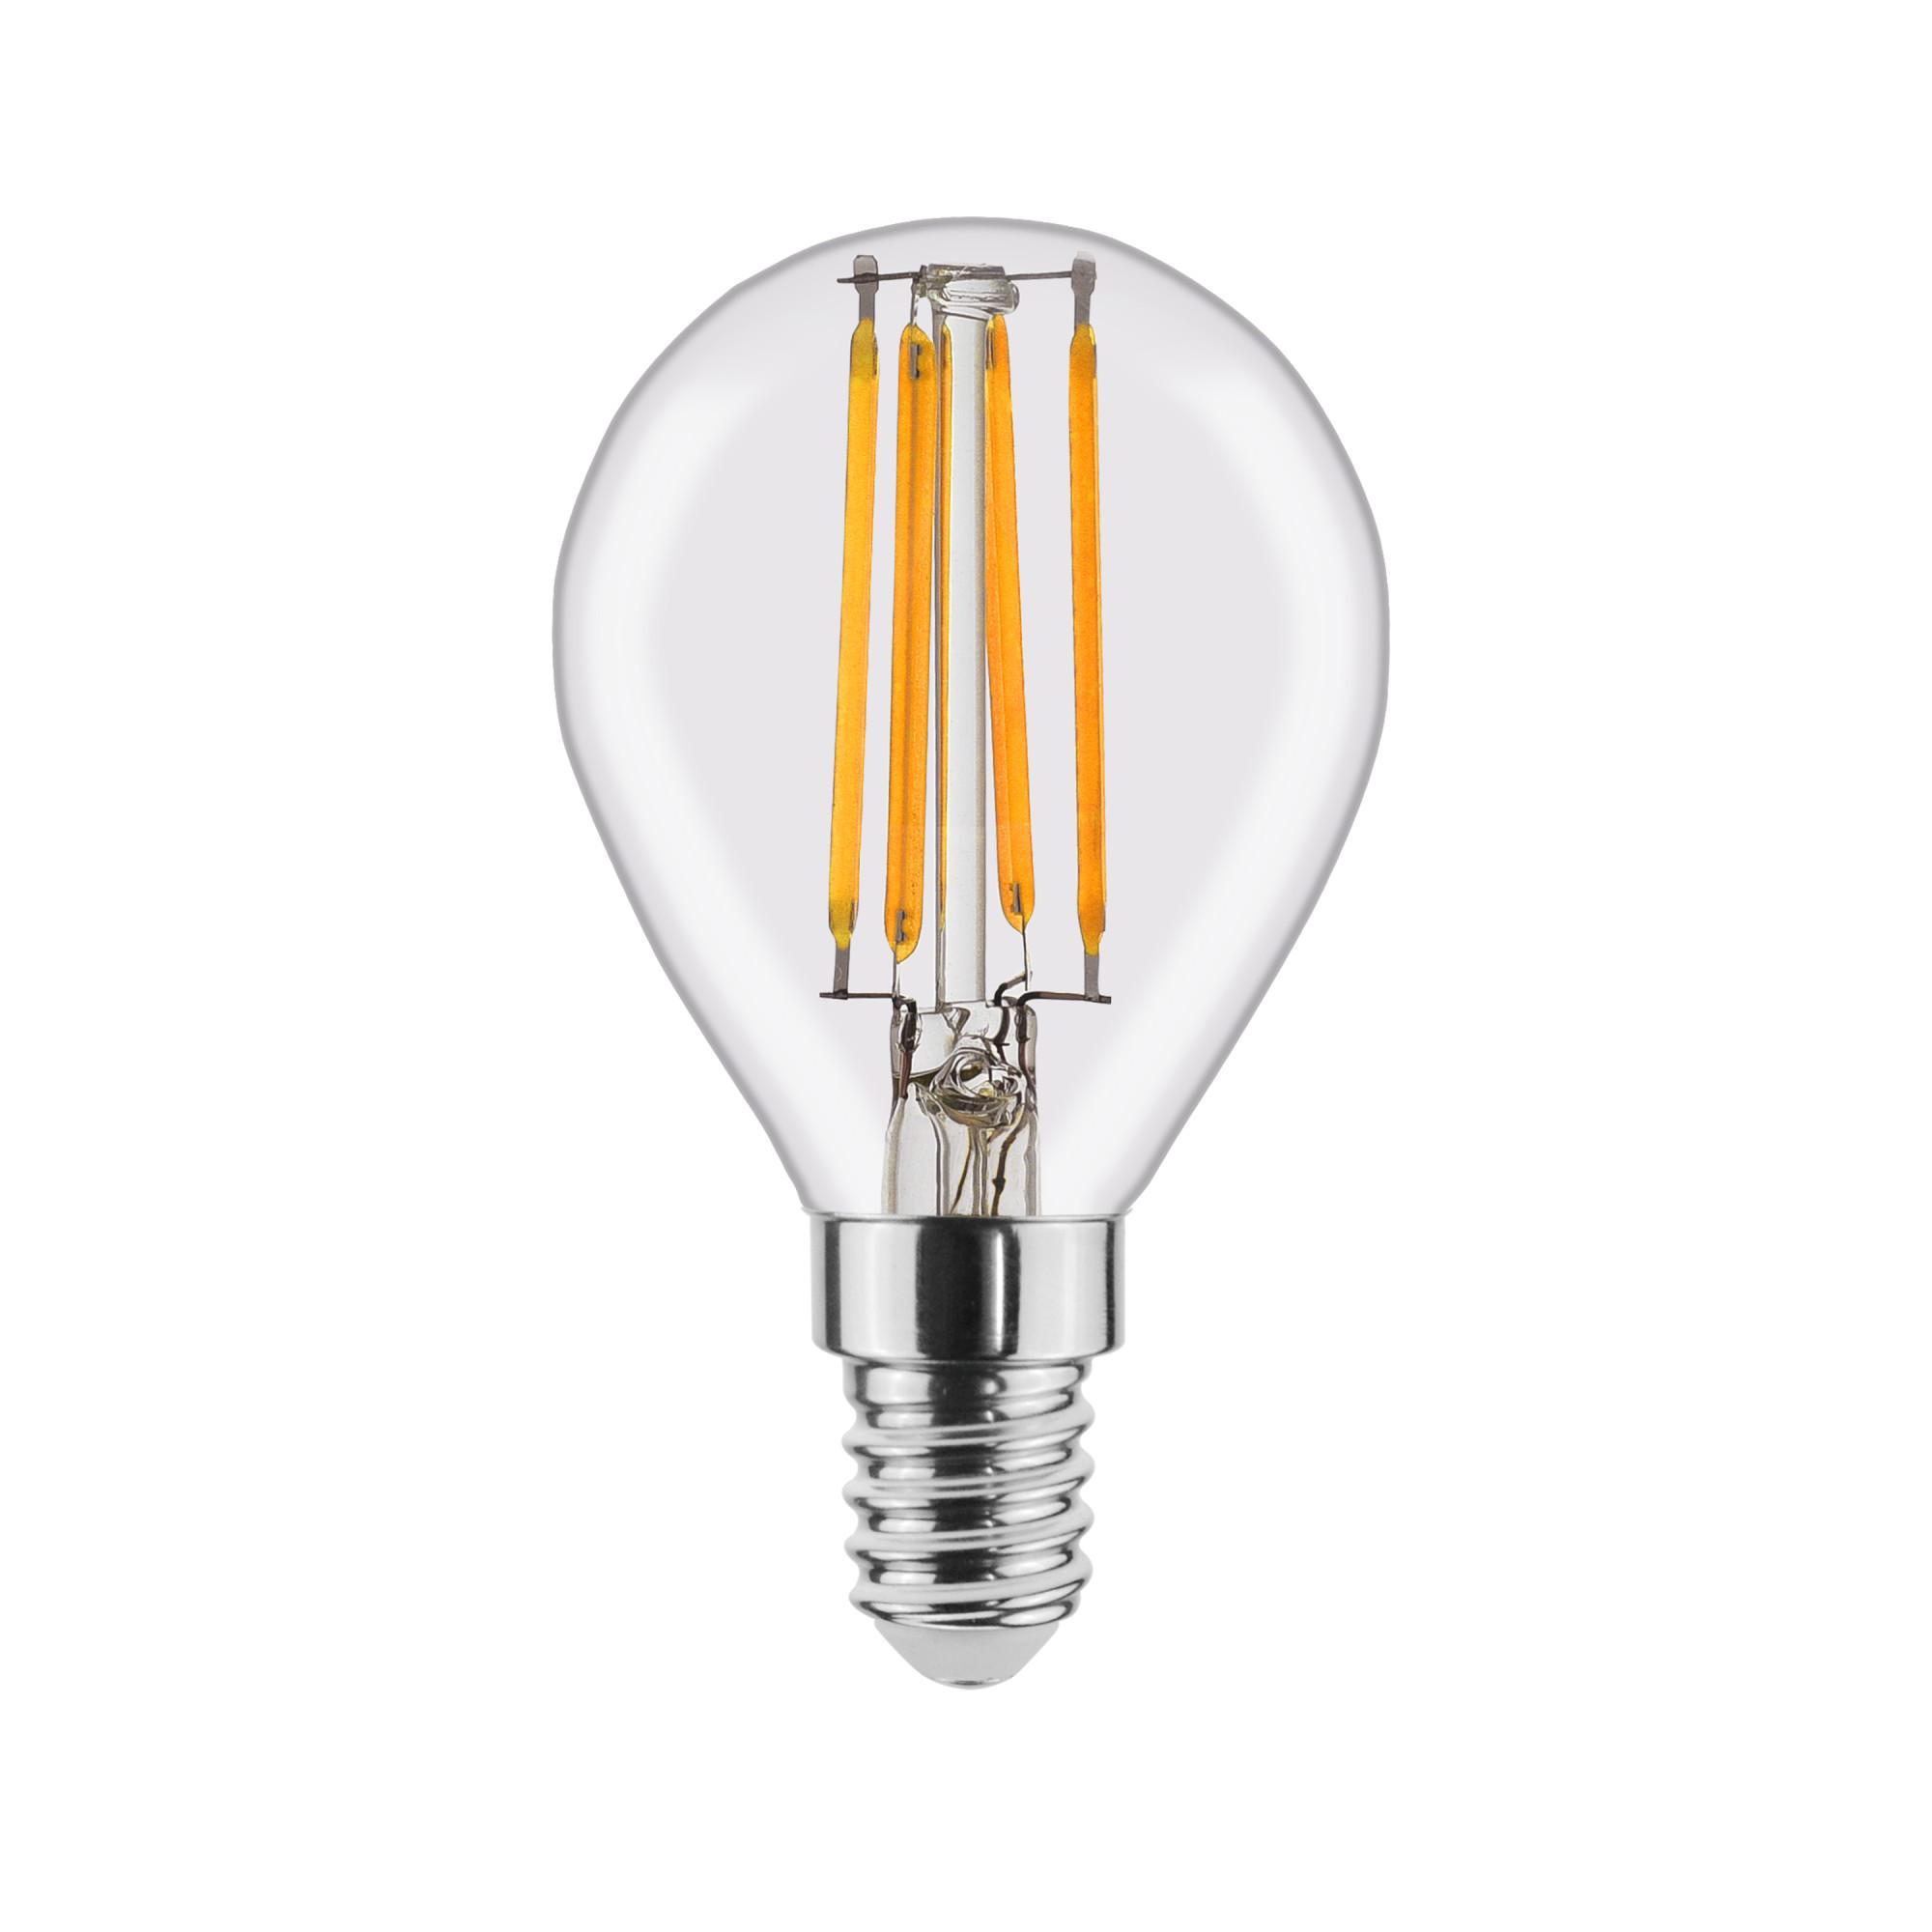 Лампа светодиодная филаментная Lexman E14 220 В 4.5 Вт шар янтарный 470 лм белый свет